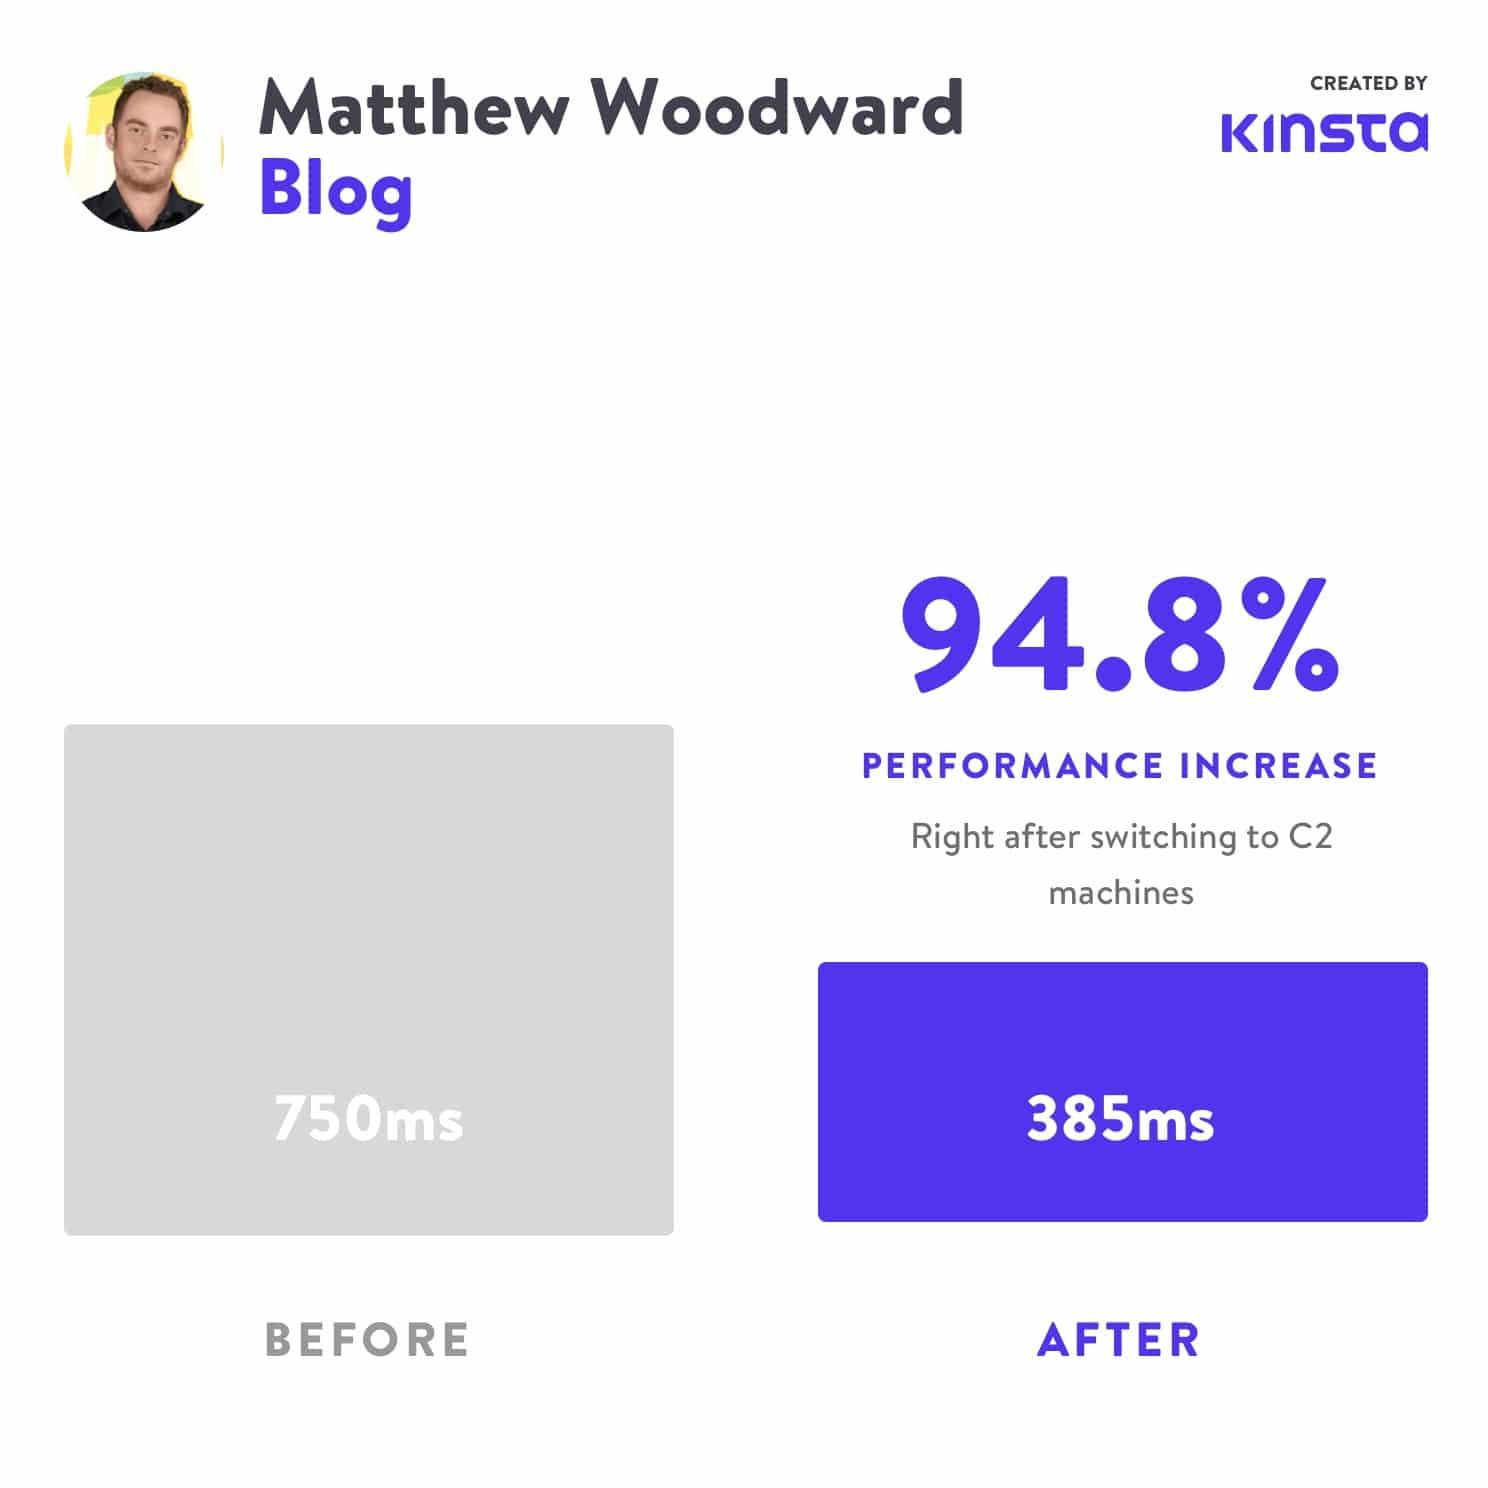 Matthew Woodward oplevede en ydelse på 94,8% efter at have flyttet til C2.